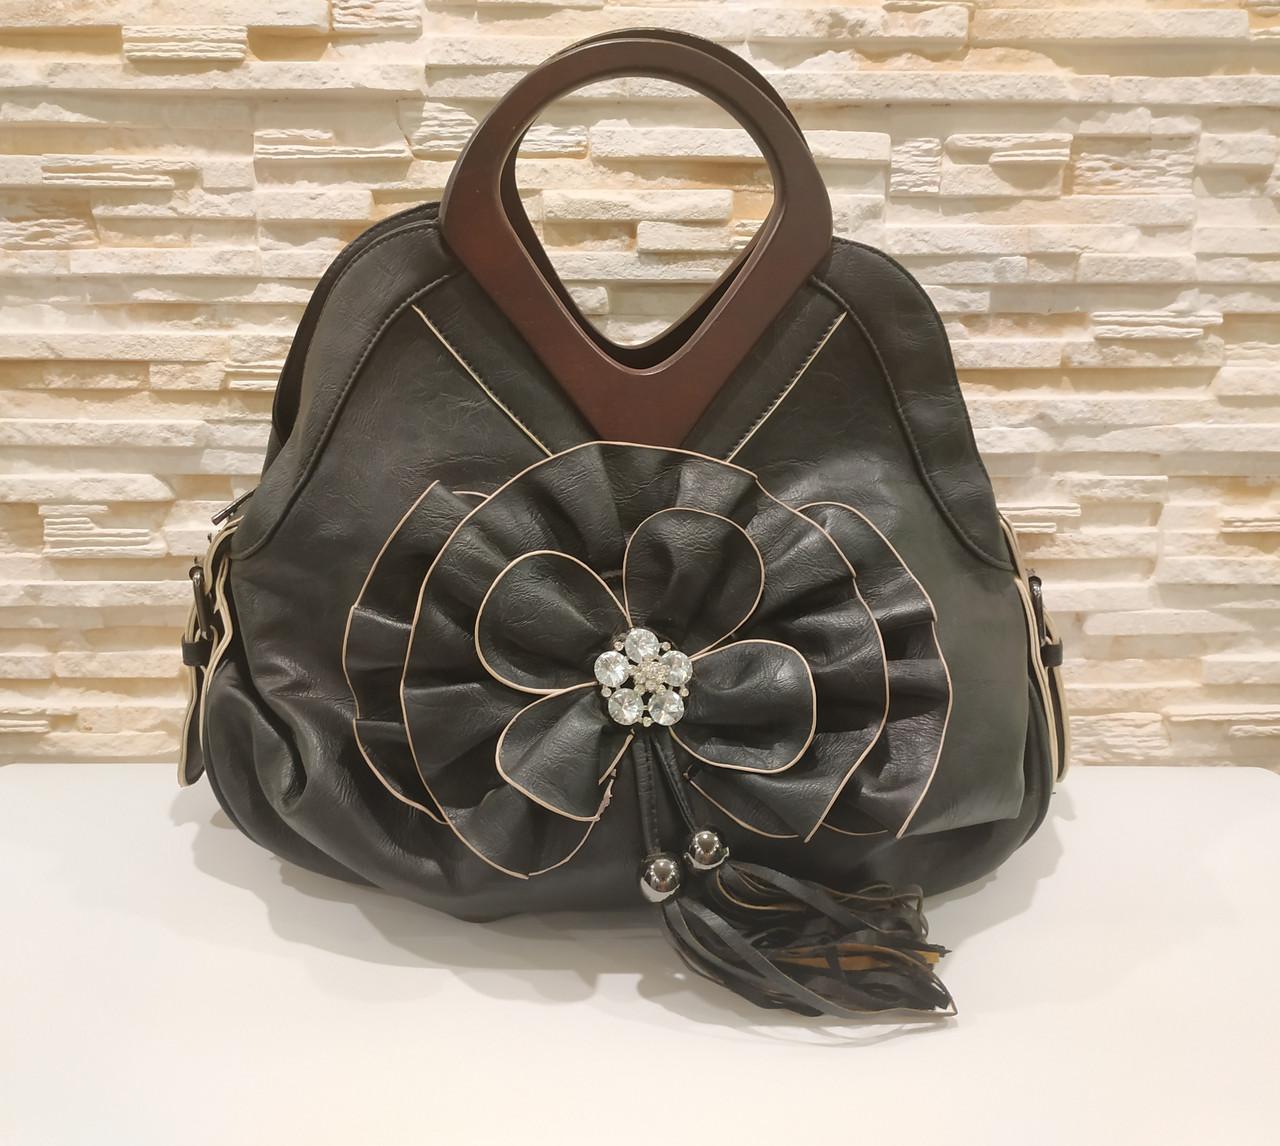 Жіноча чорна сумка з квіткою код 12-11642 Уцінка